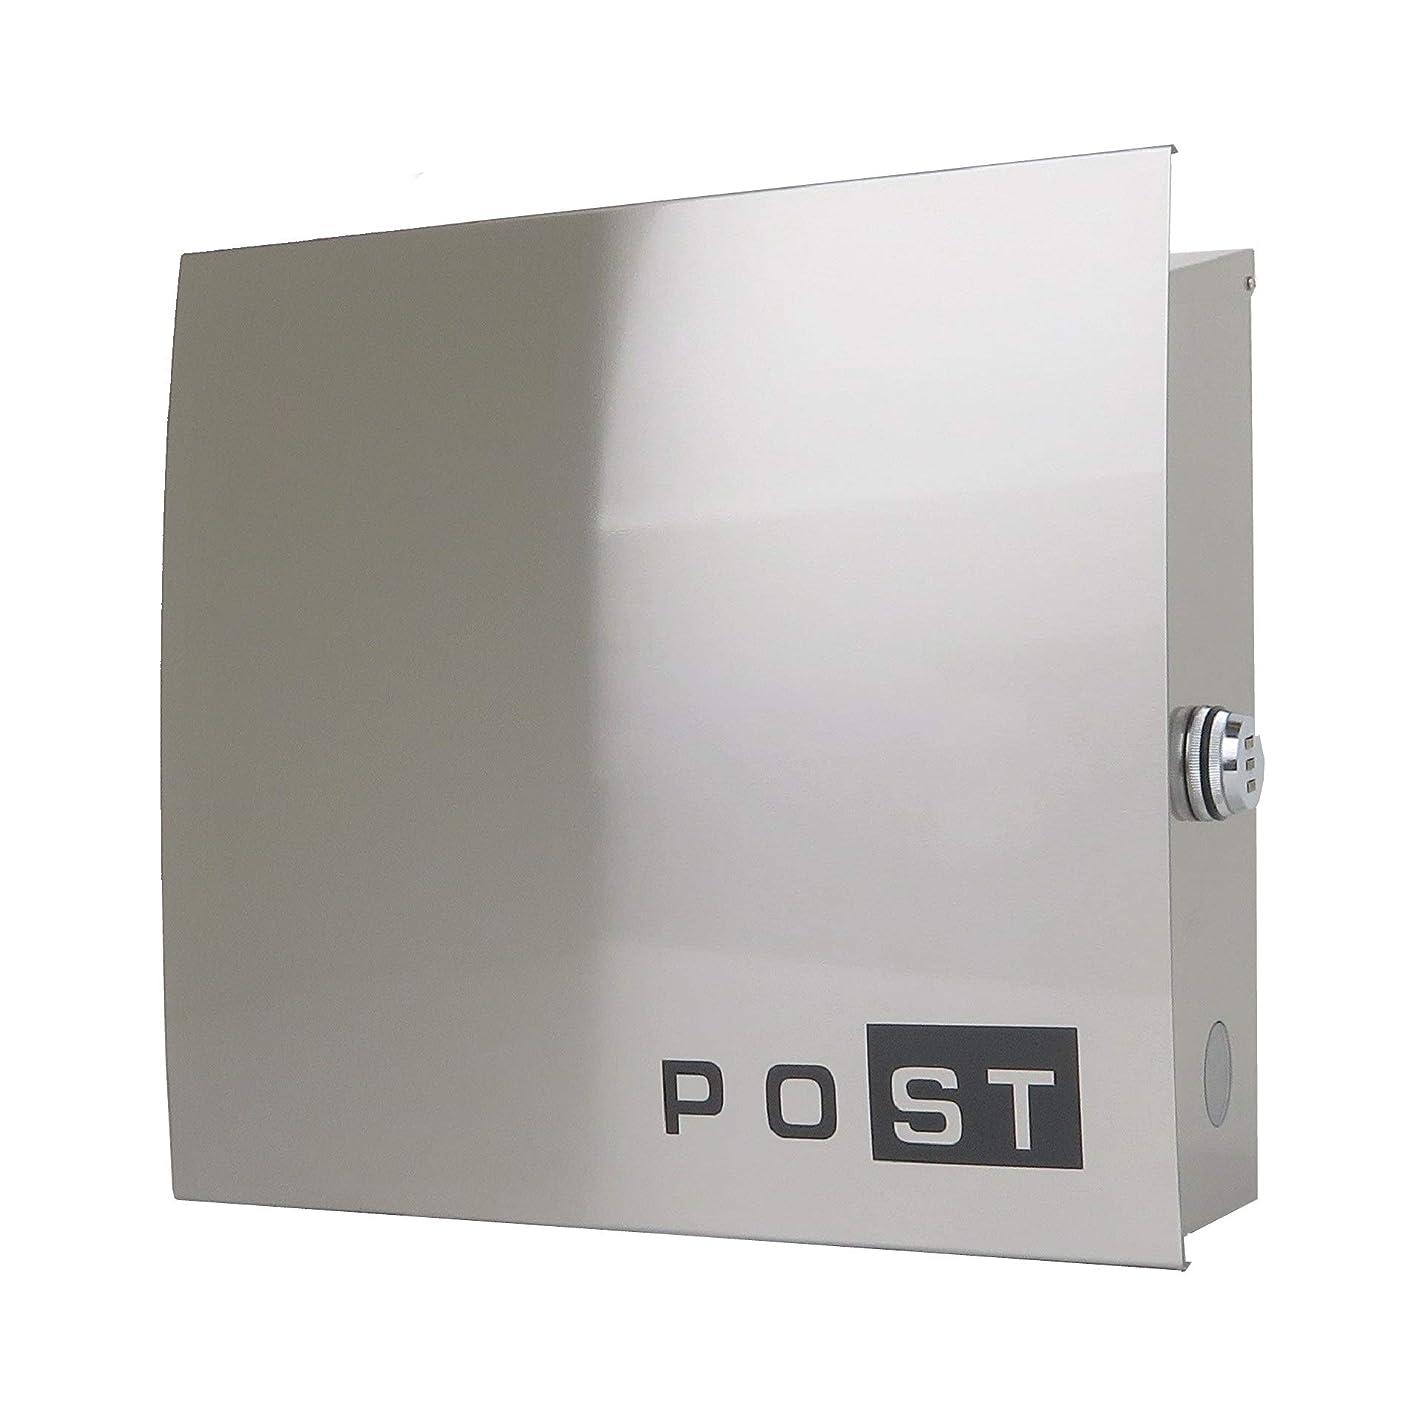 嫌がらせ着陸奴隷おしゃれな郵便ポスト郵便受けmailbox大型 ダイヤル錠付プレミアムステンレスシルバーステンレス色ポストpm291